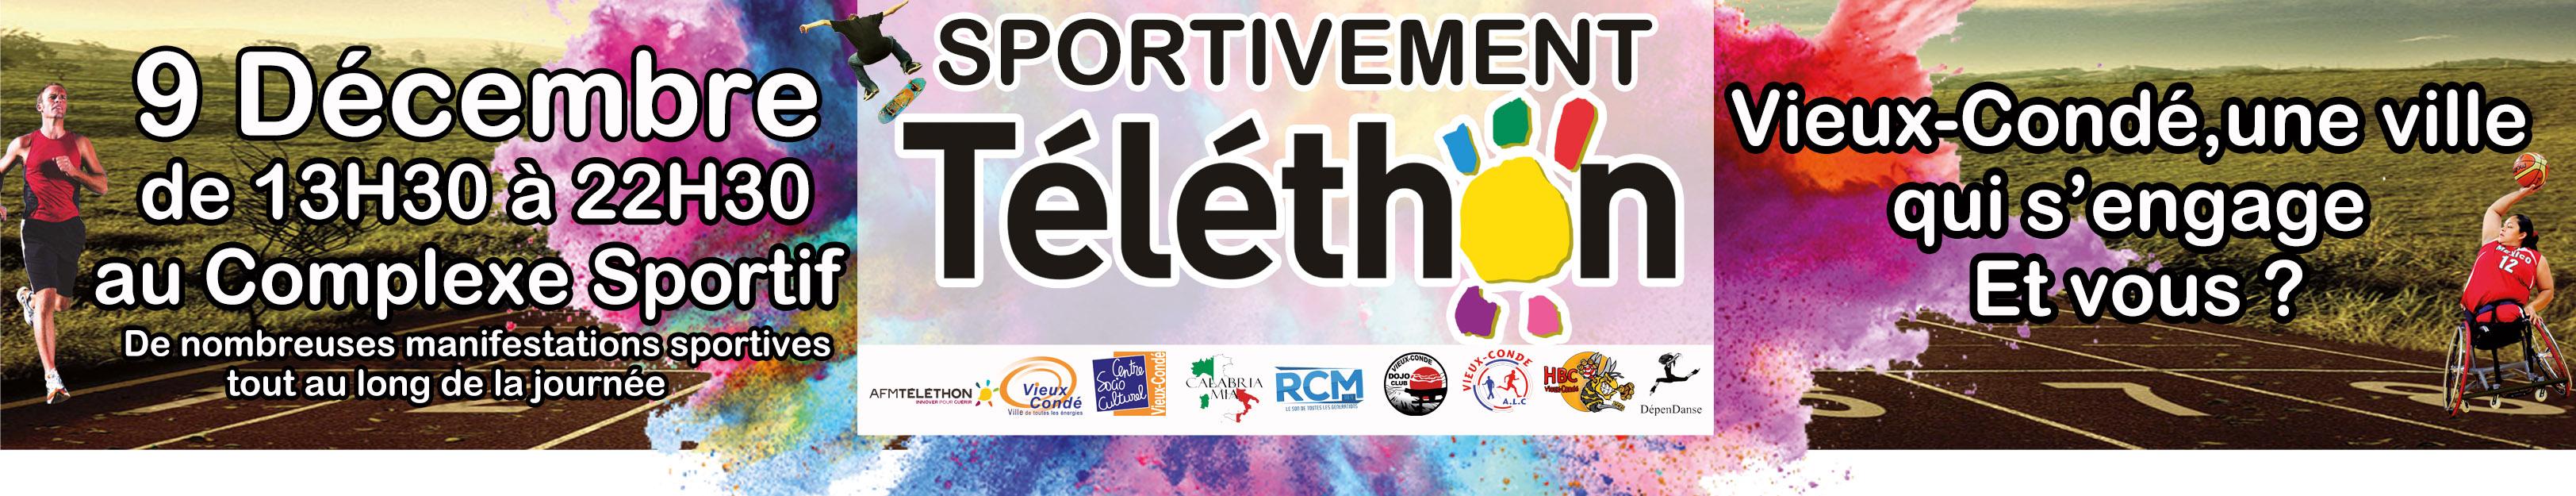 slidesportivementtelethon